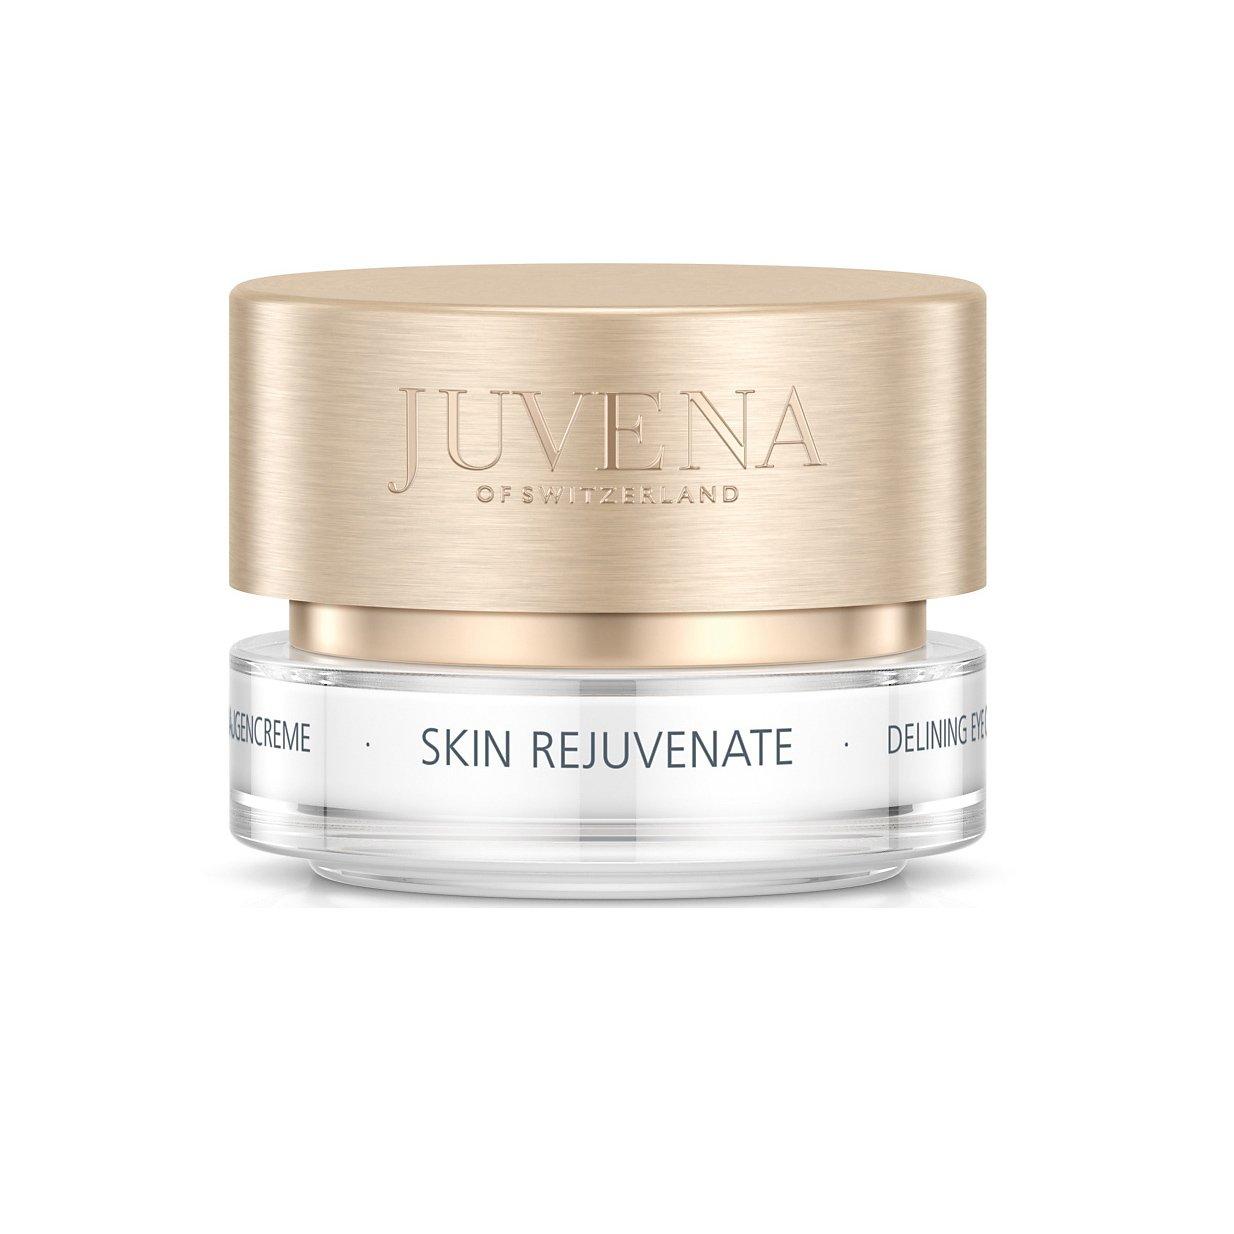 Juvena Skin Rejuvenate Delining Eye Cream, Μειώνει Γρήγορα, Ορατά & Αποτελεσματικά τις Γραμμές Έκφρασης Γύρω Από τα Μάτια 15ml